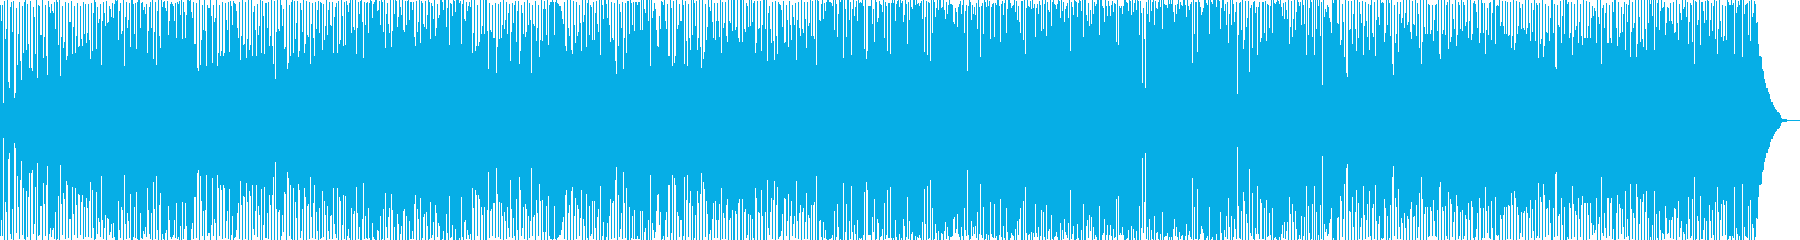 アンサンブル・ファンク・ジャズの再生済みの波形